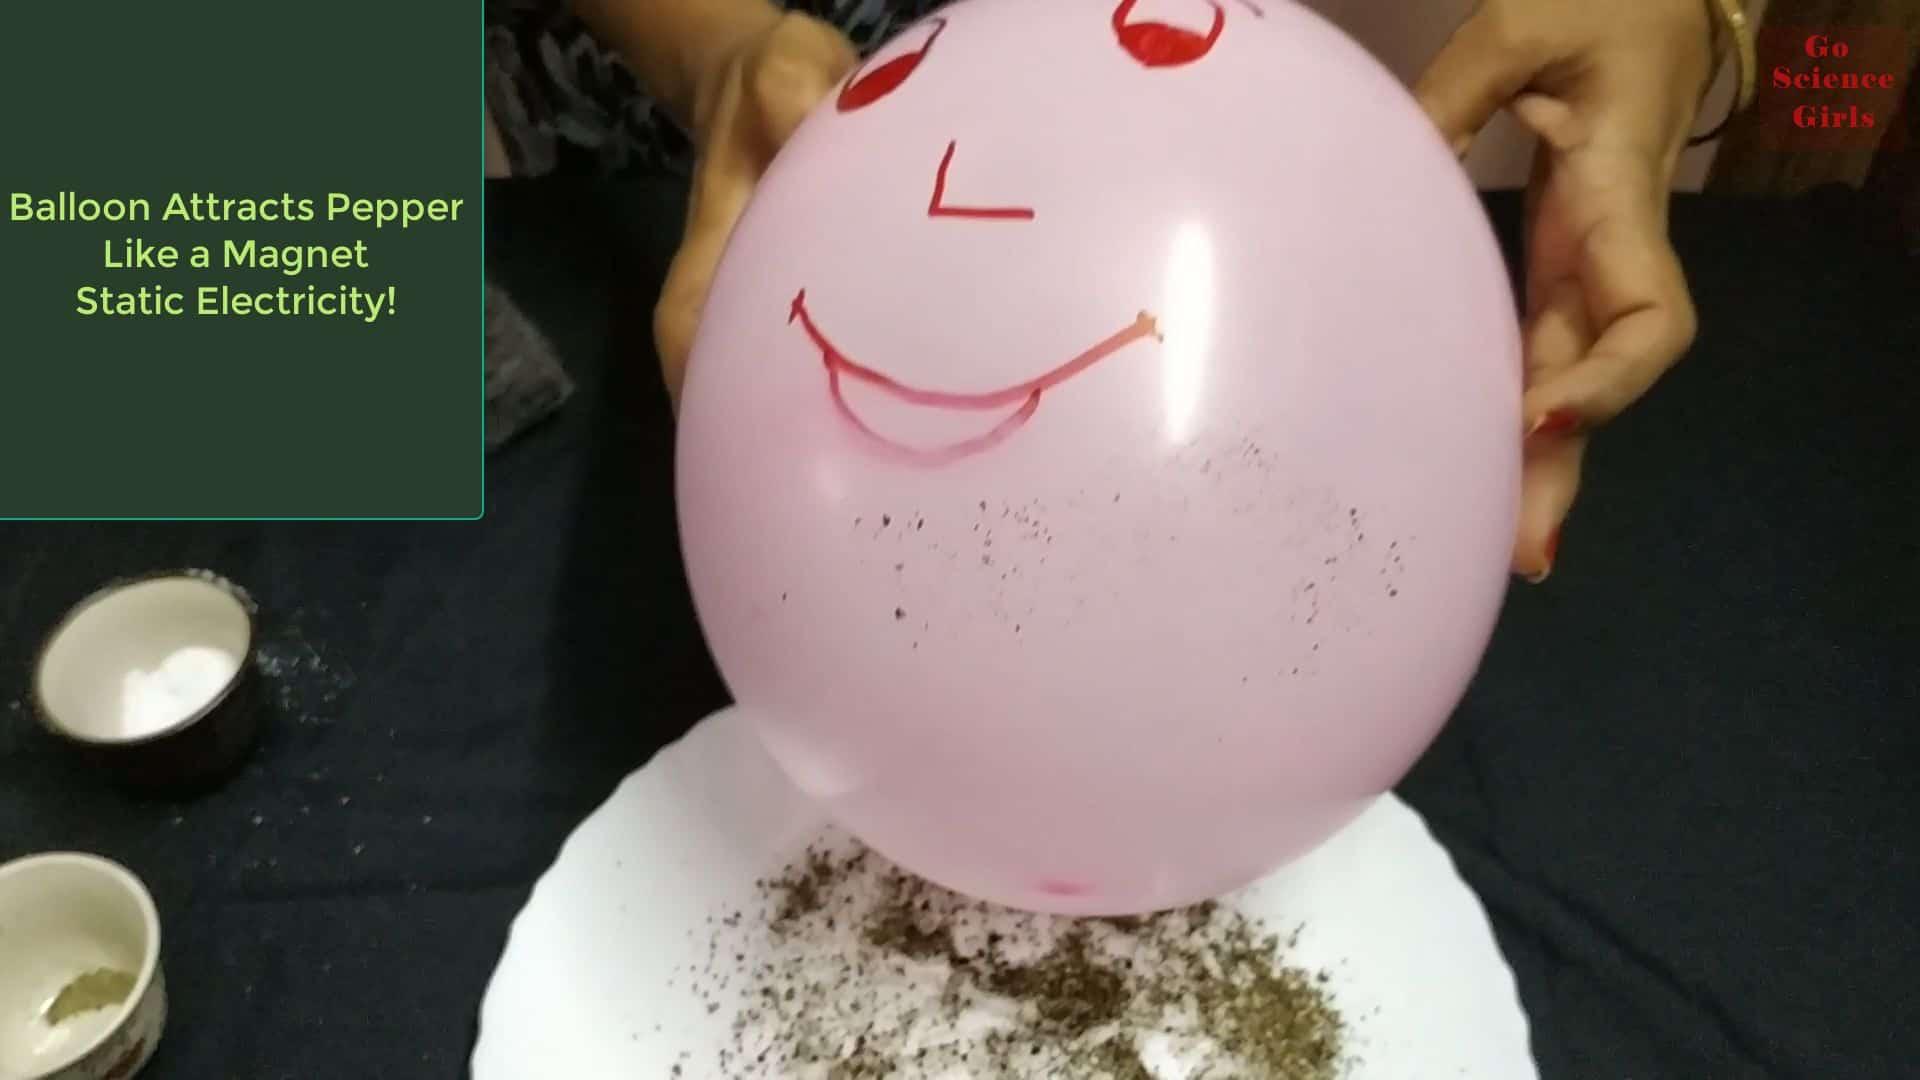 Ballon Attracts Pepper